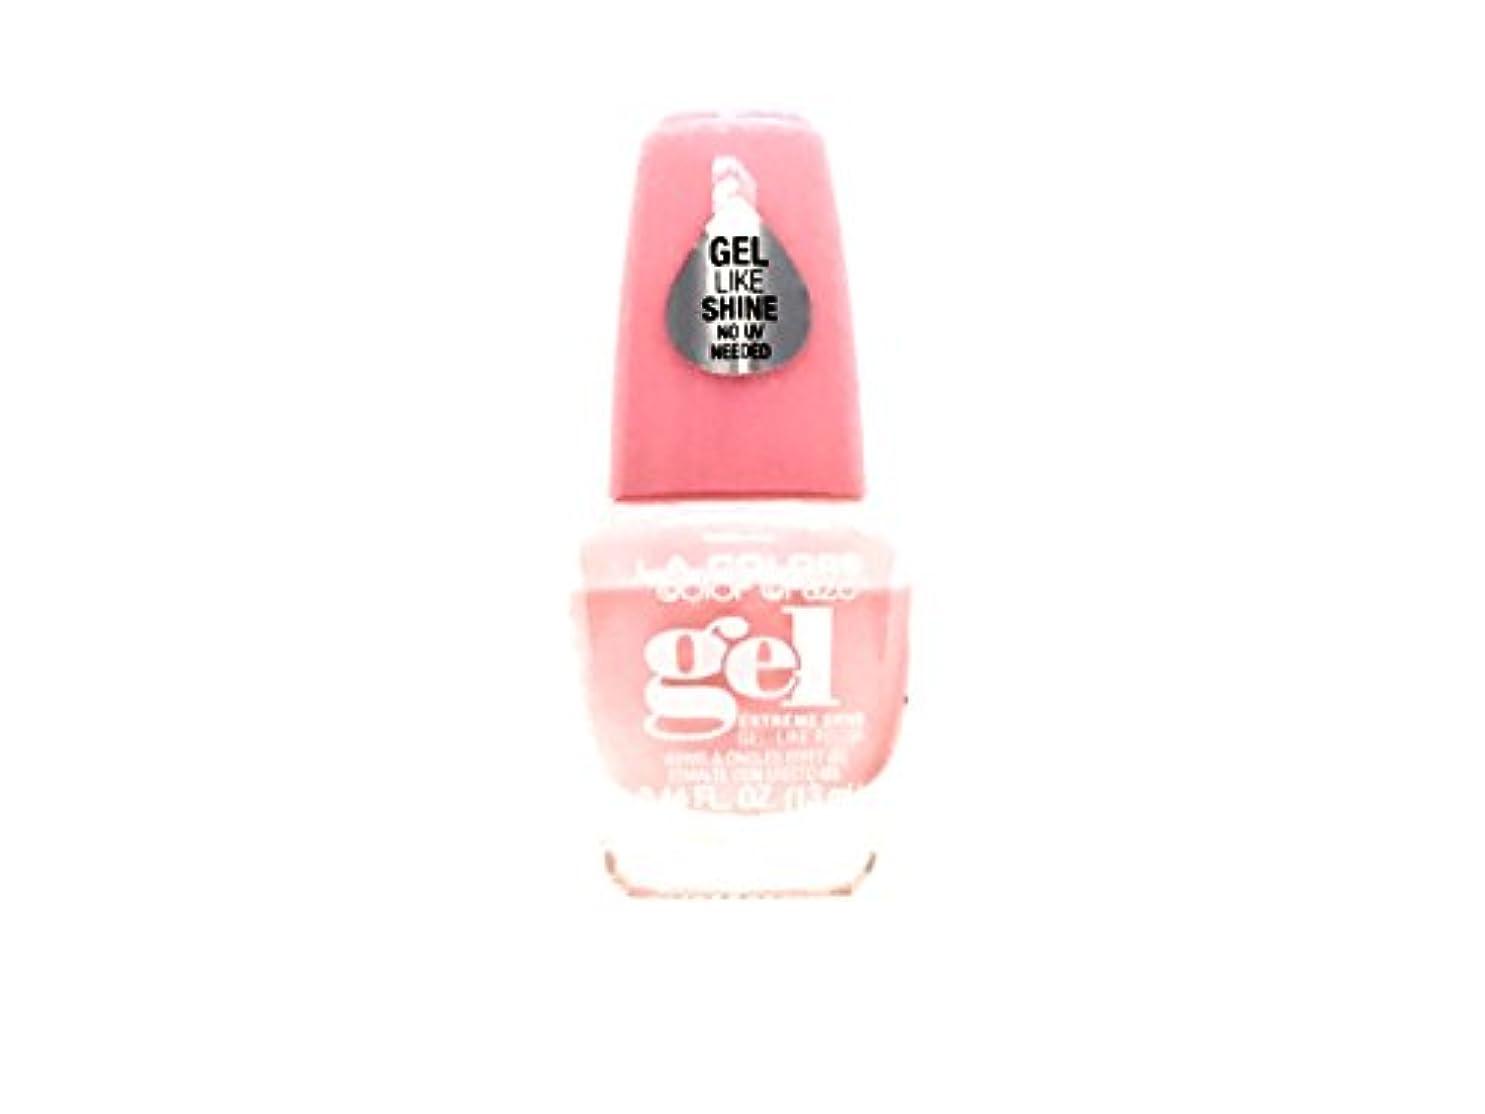 後退する受信口頭LA Colors 美容化粧品21 Cnp742美容化粧品21 0.44 fl。 oz。 (13ml) スウィートハート(cnp742)